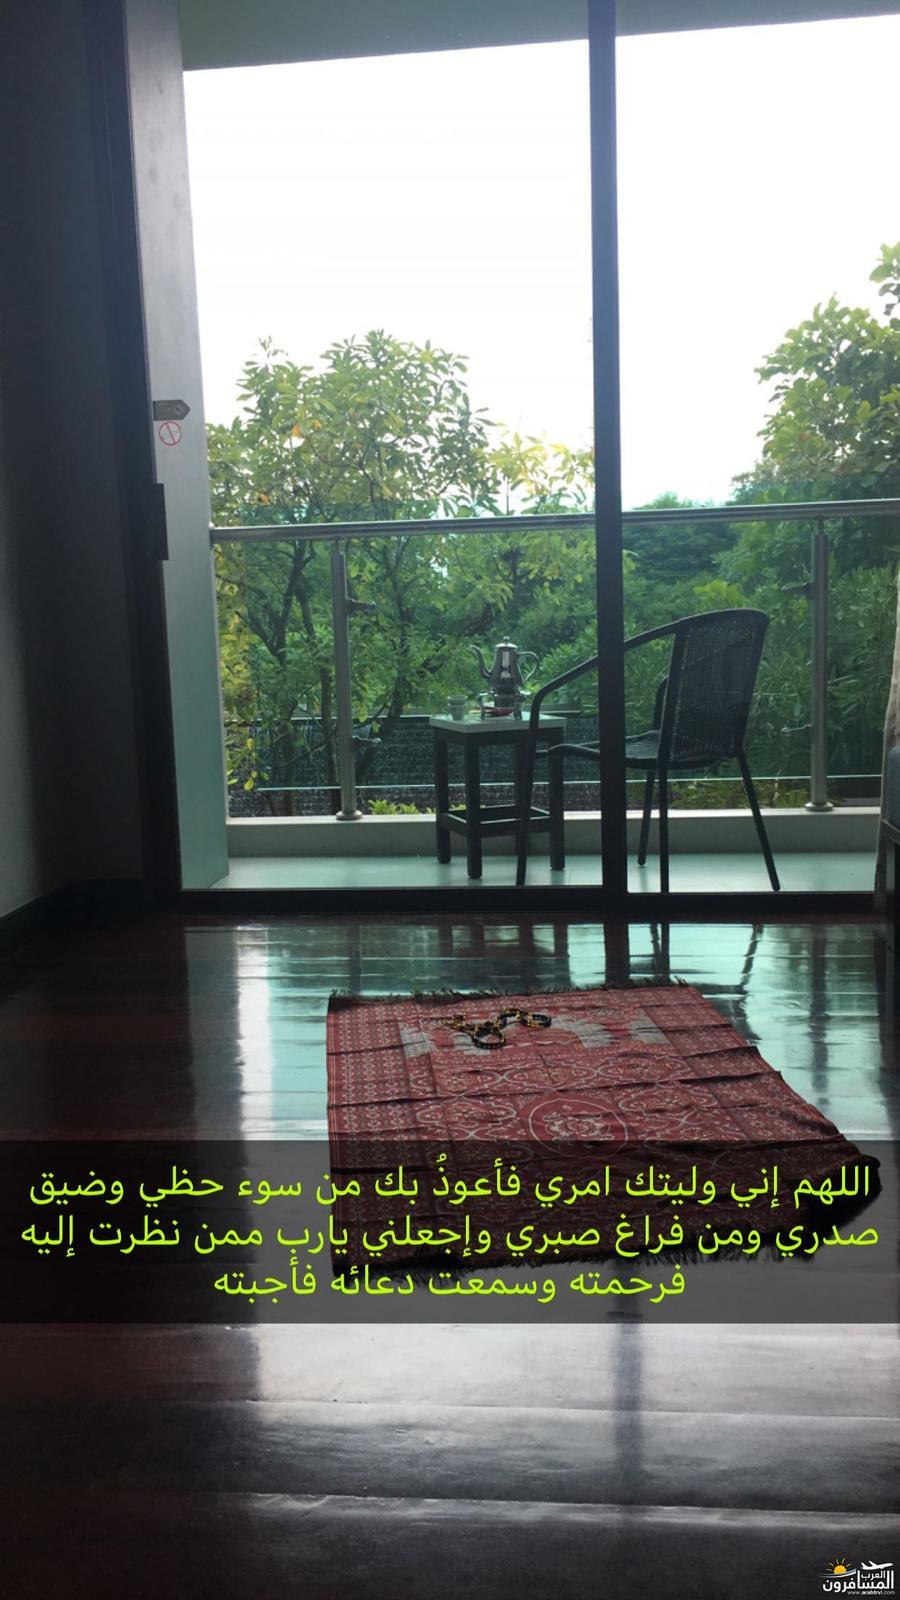 arabtrvl1509092225561.jpg